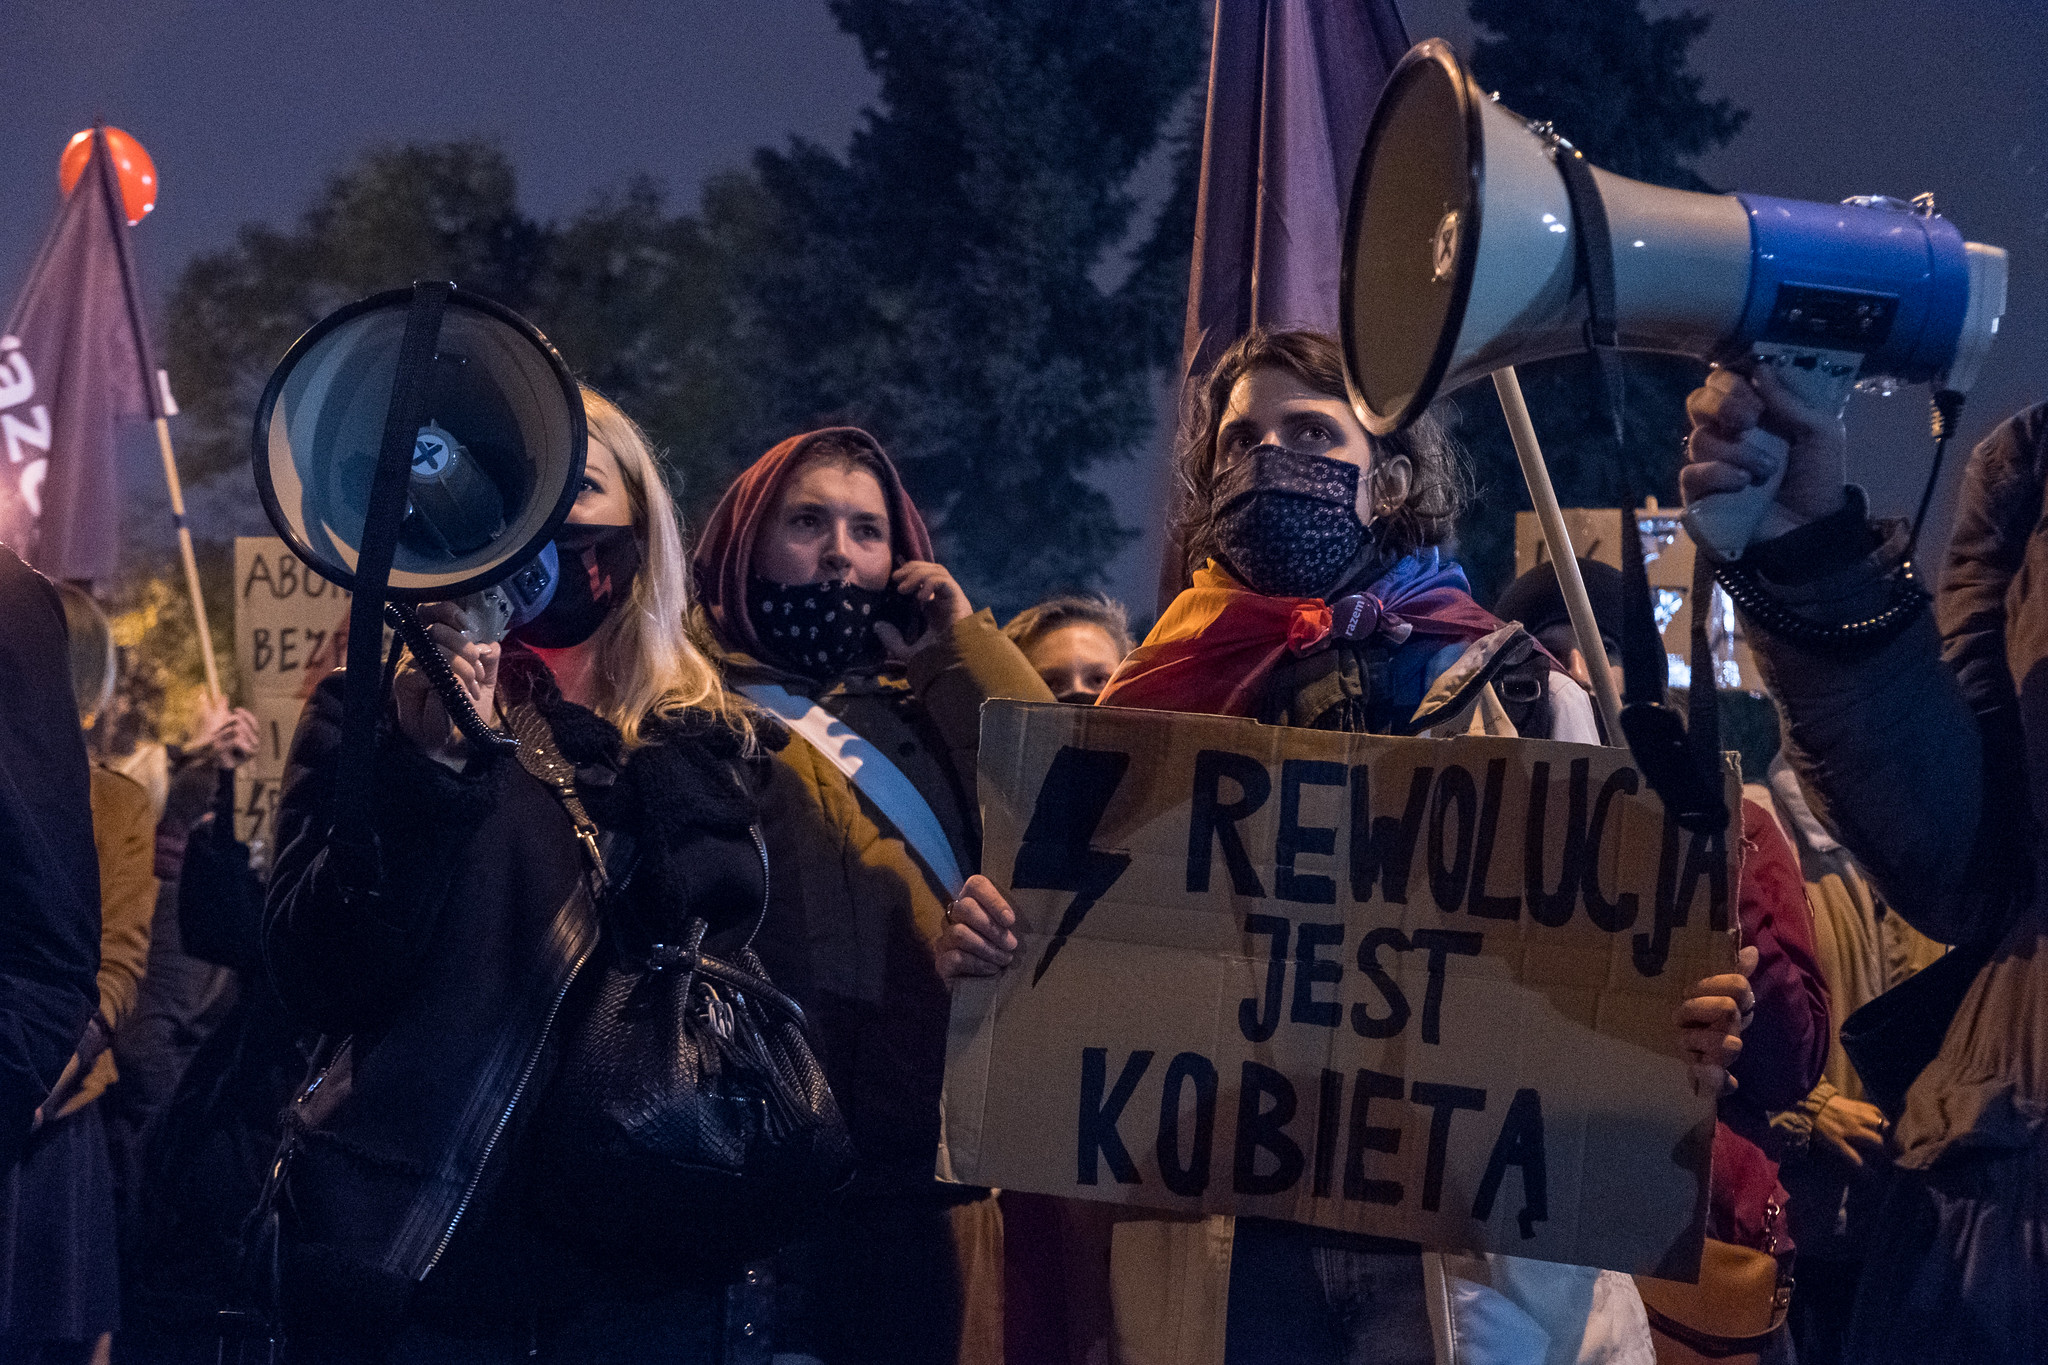 """Organizatorki marszy Strajku Kobiet wzywane napolicję. """"Próba zamknięcia nam ust"""""""